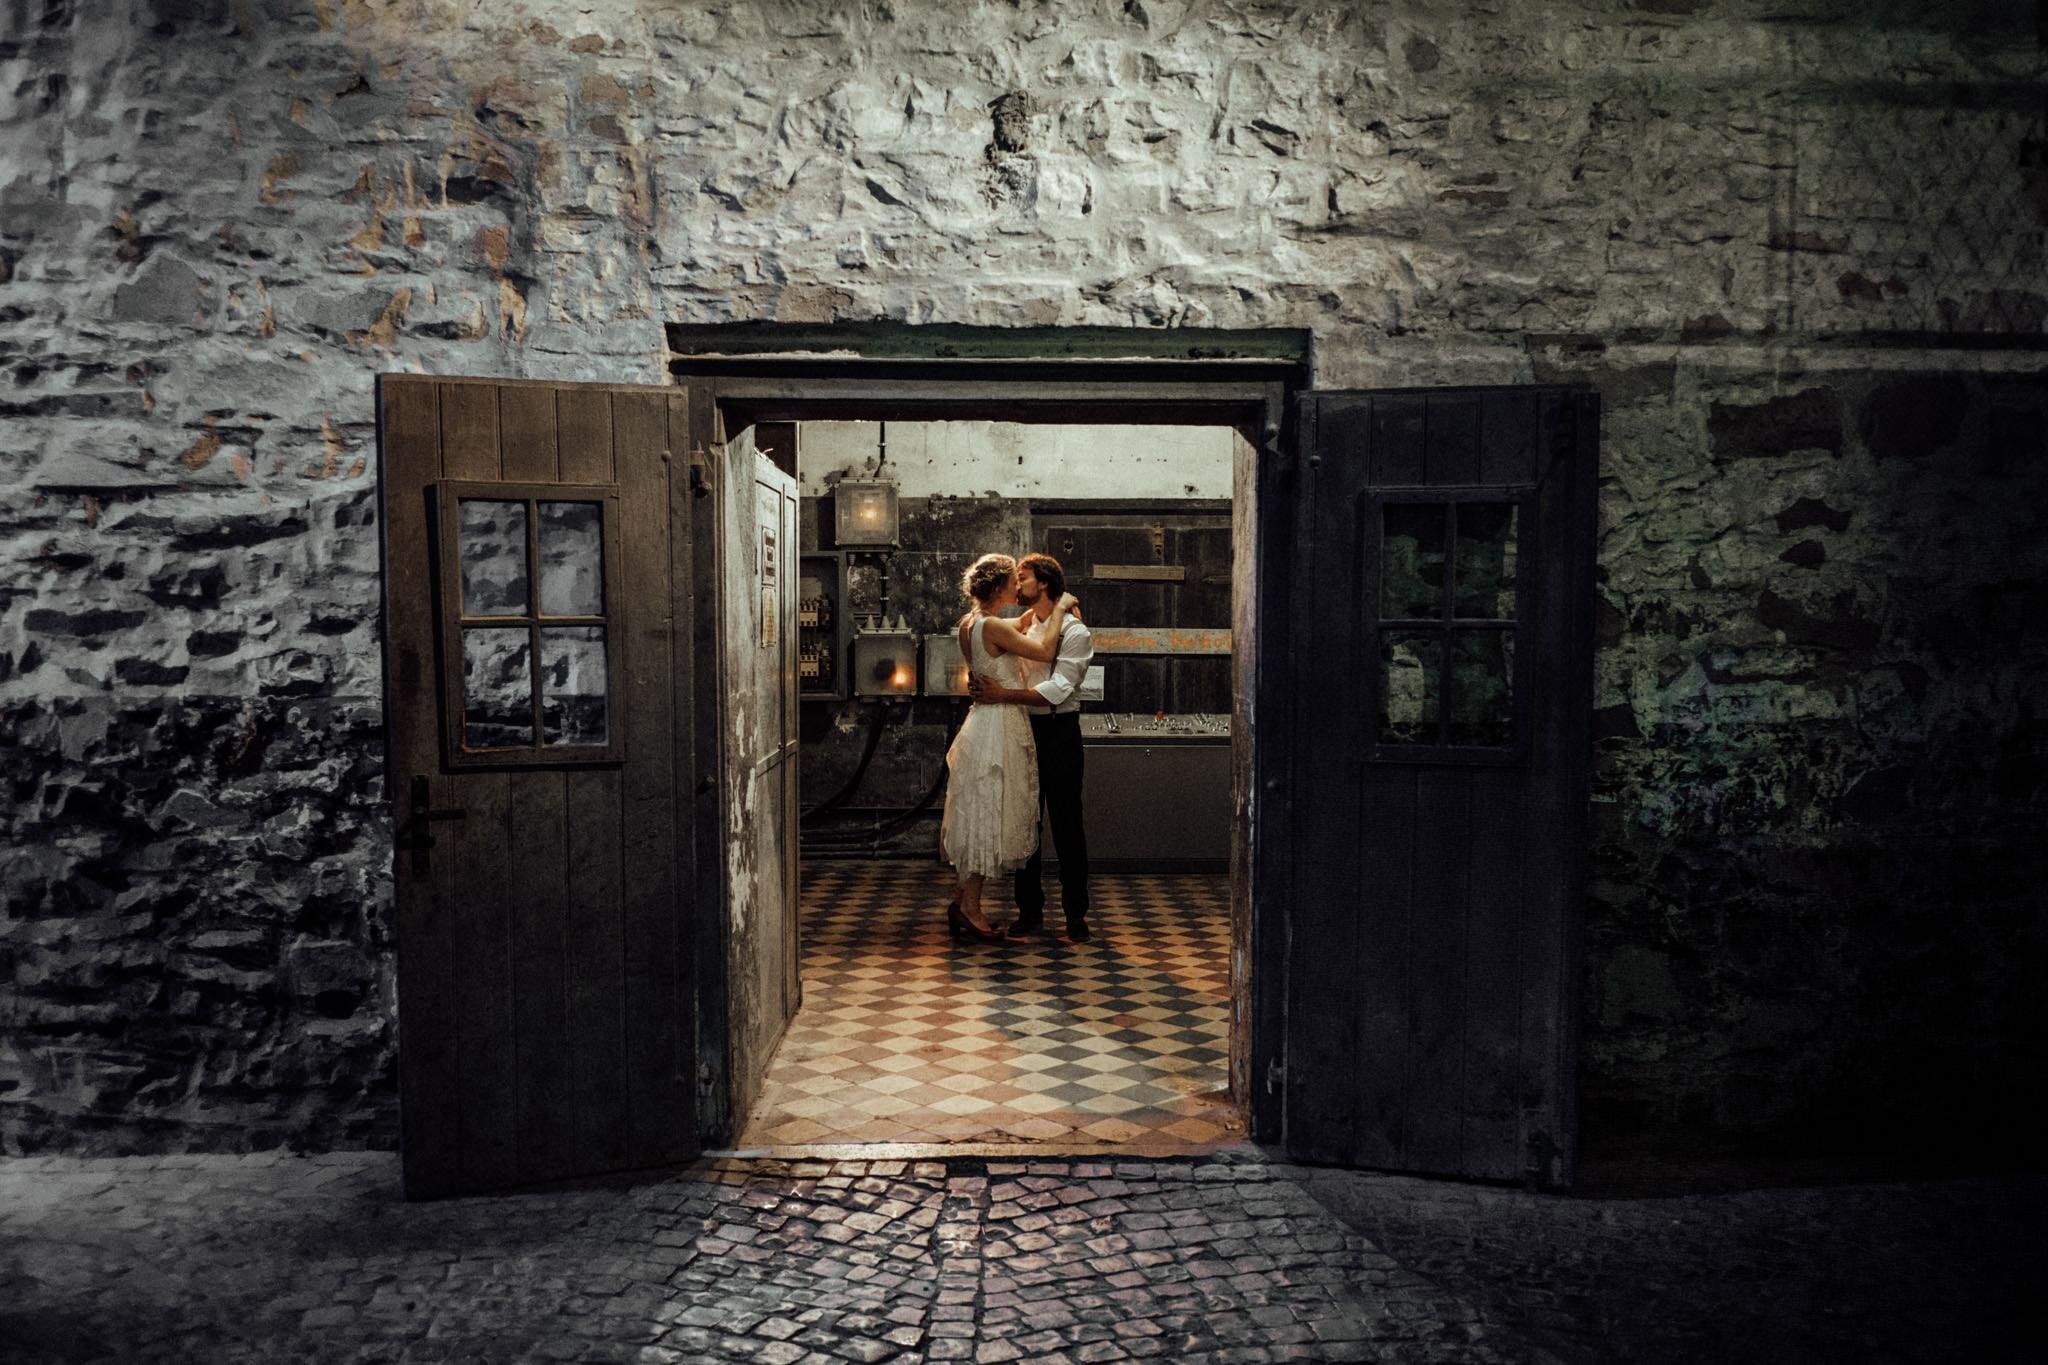 Hochzeit-Aachen-Köln-NRW-Hochzeitsfotograf-Coburg-Hochzeitsfoto-Paarshooting-Komposition-Framing.jpg